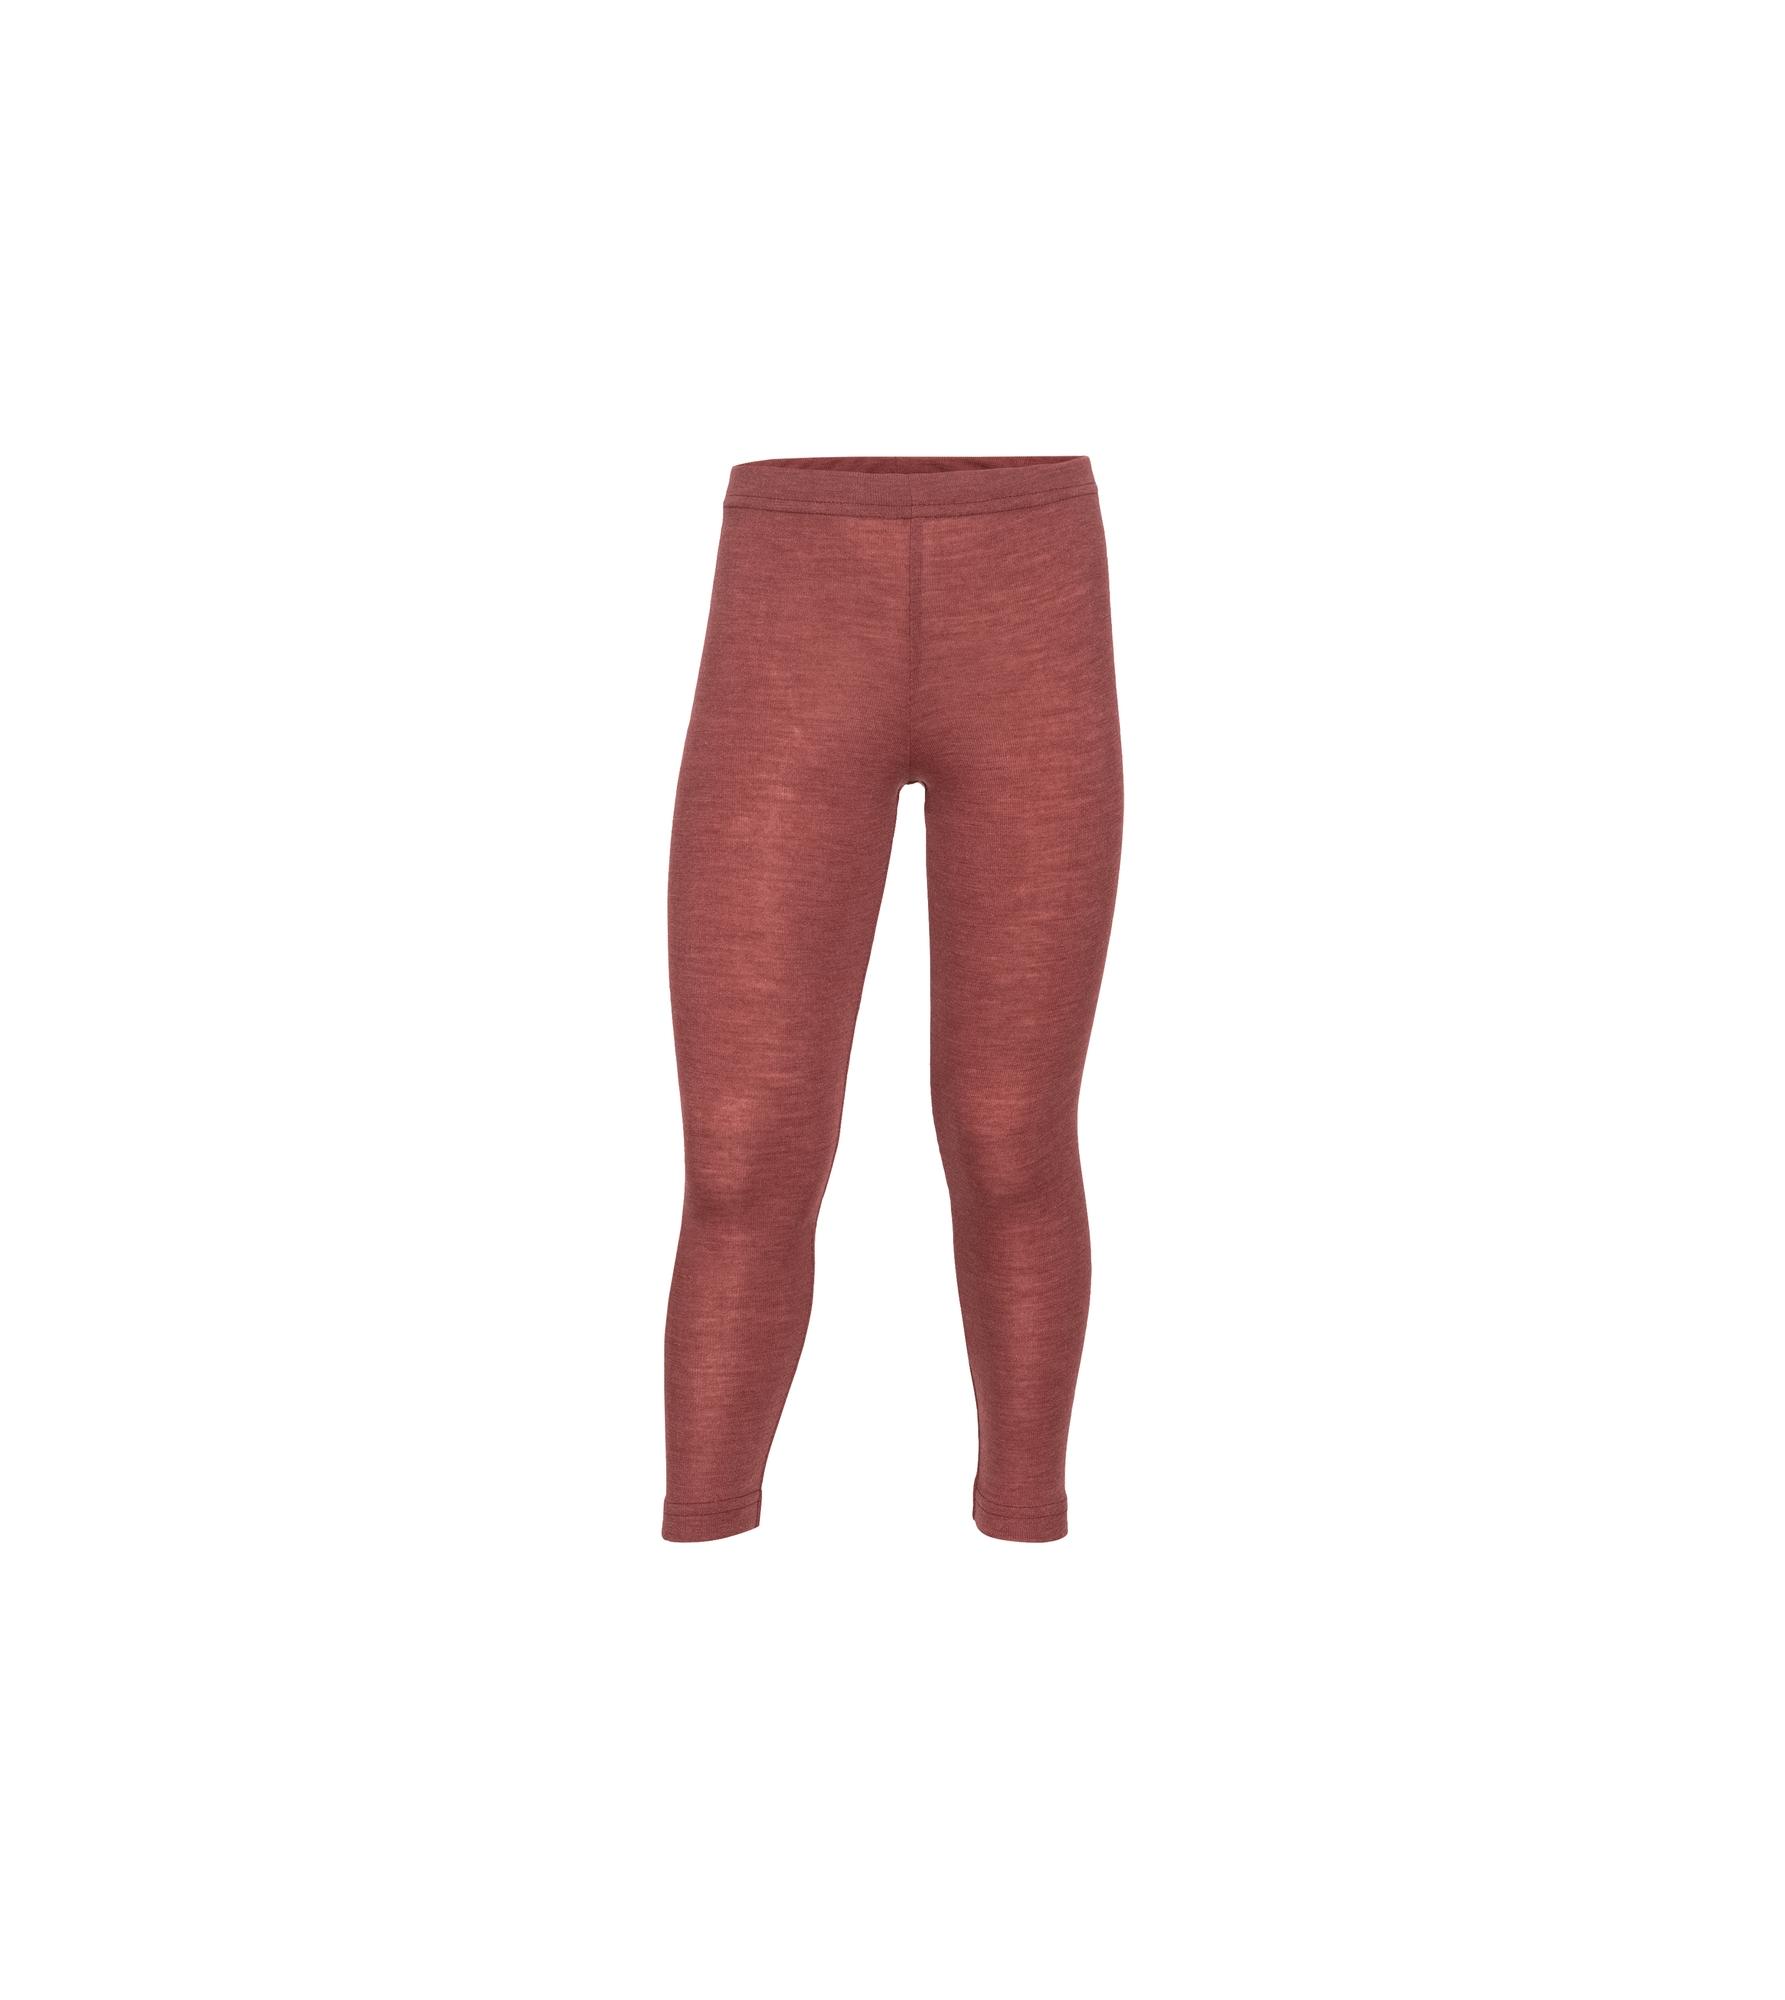 2-4500-kinder-leggings-52e-kupfer-704500_52e.jpg